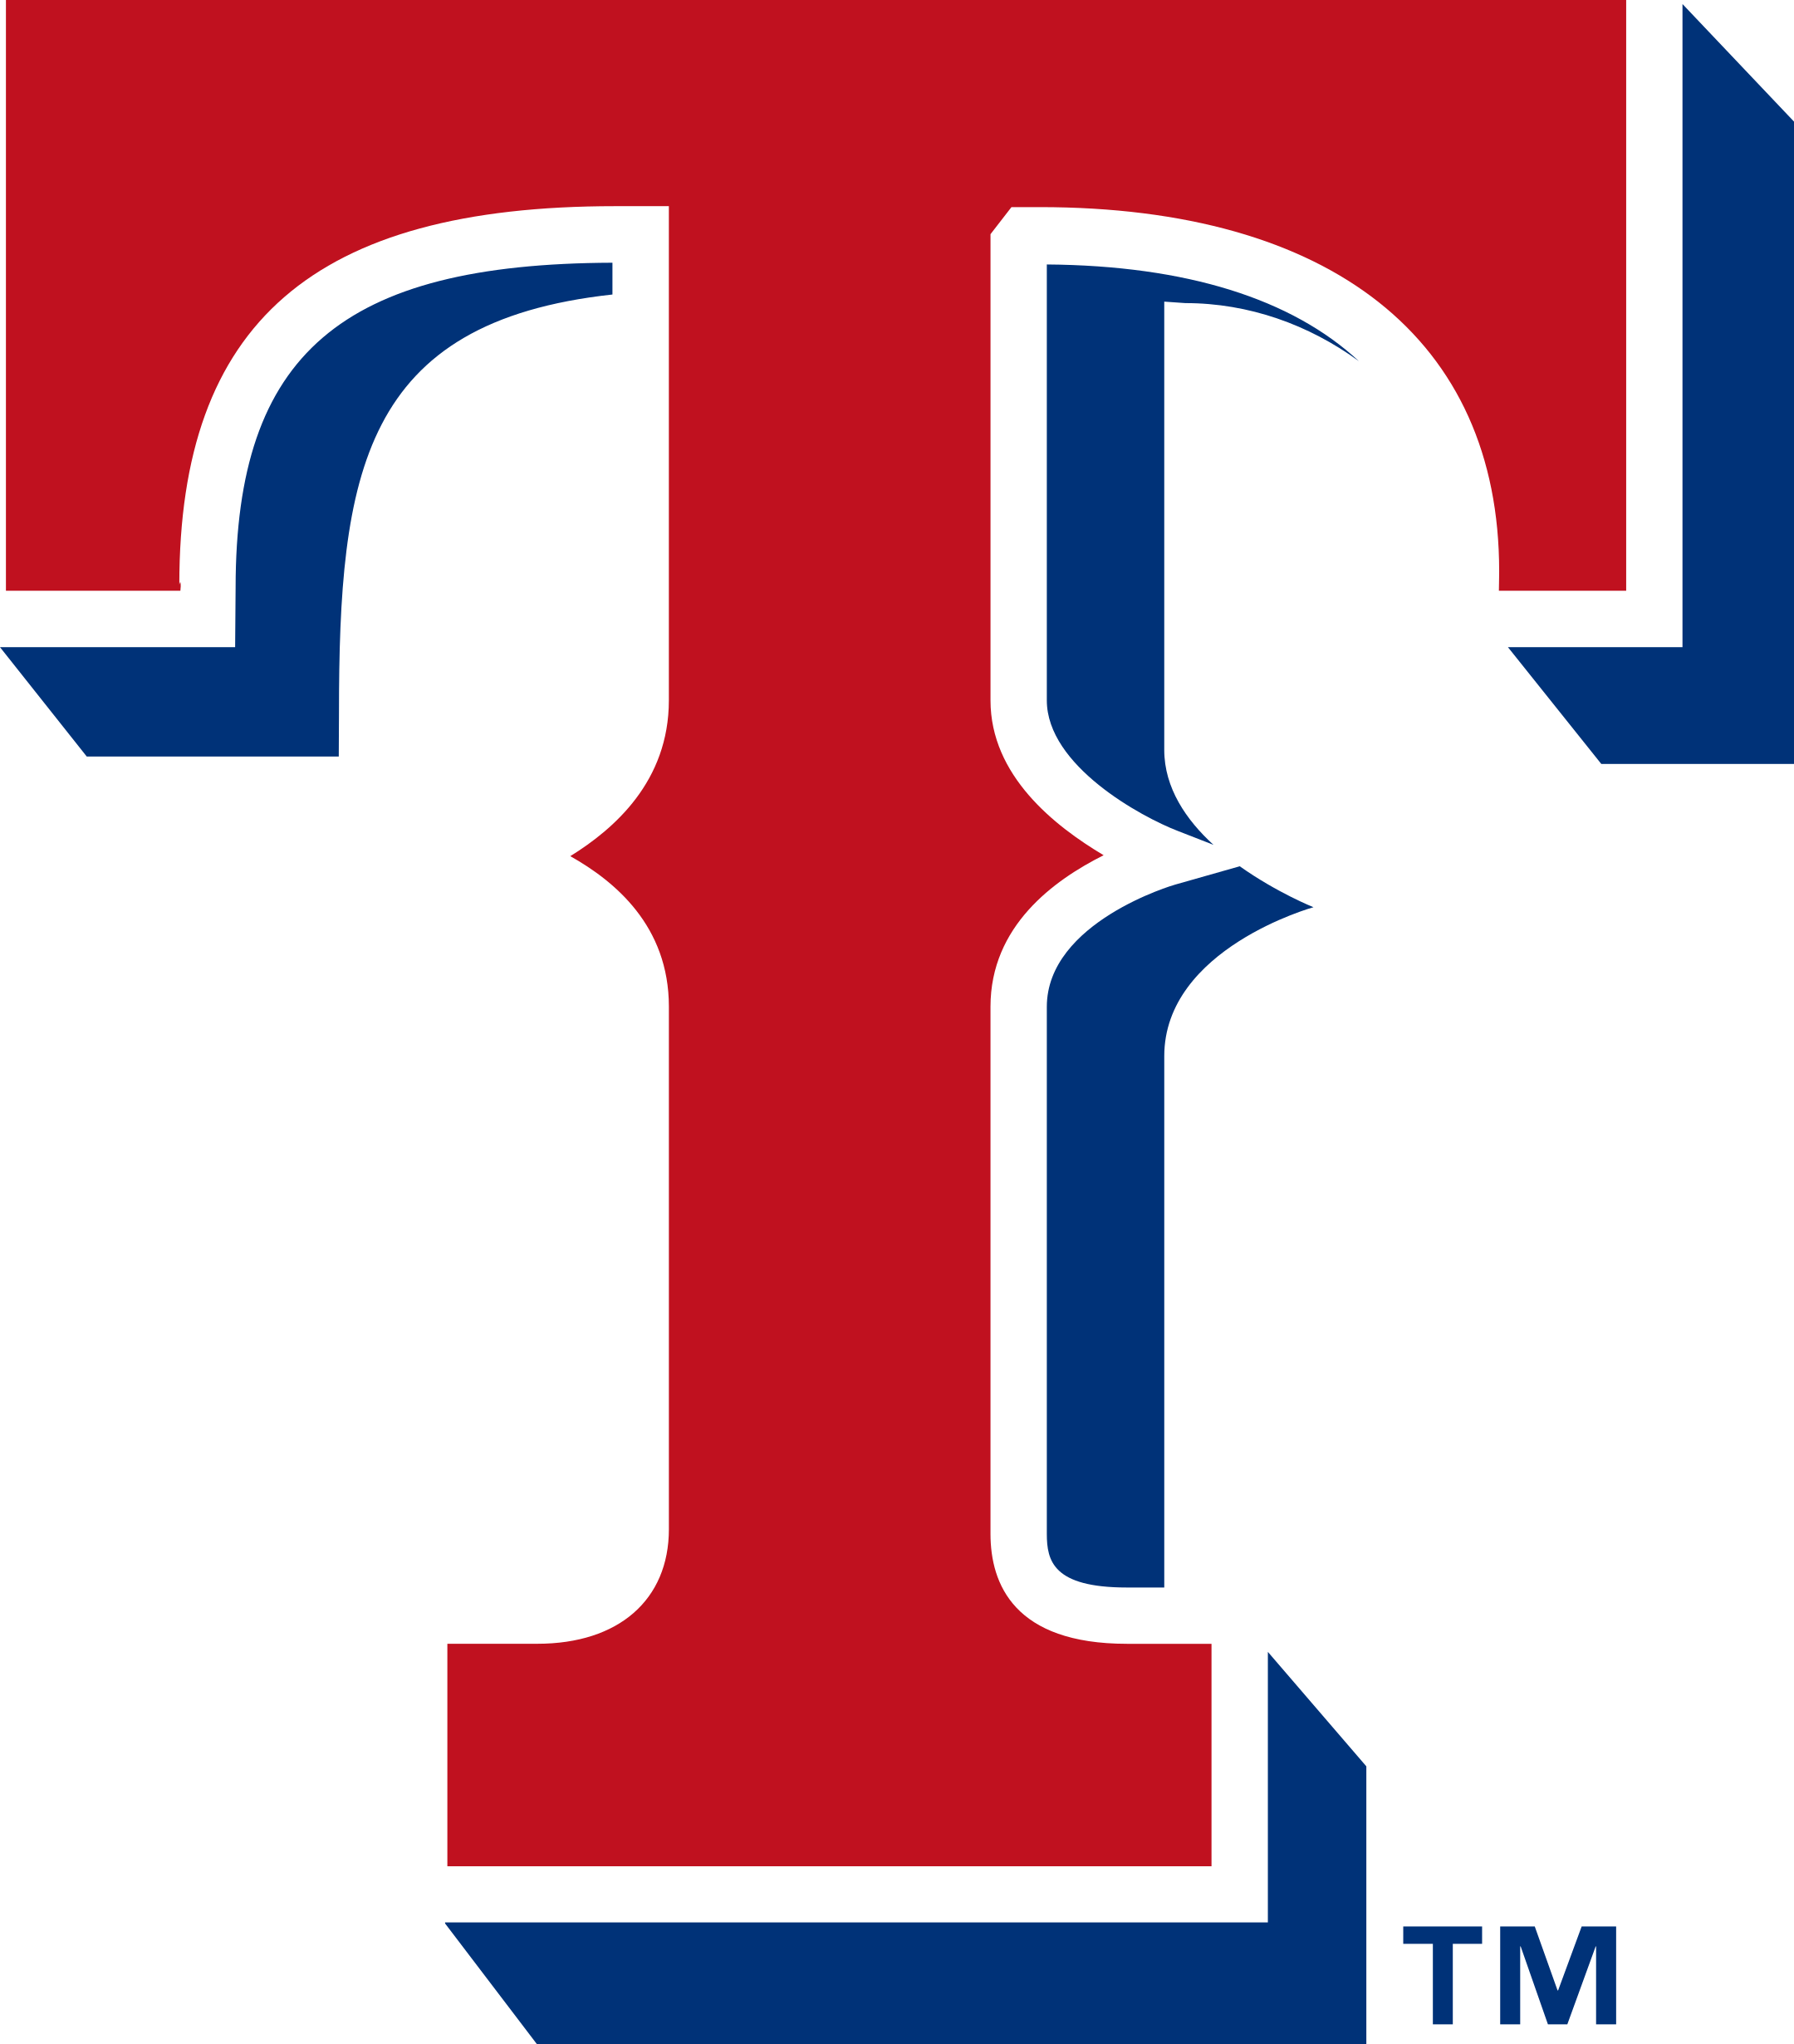 texas rangers logo 1 - Texas Rangers Logo